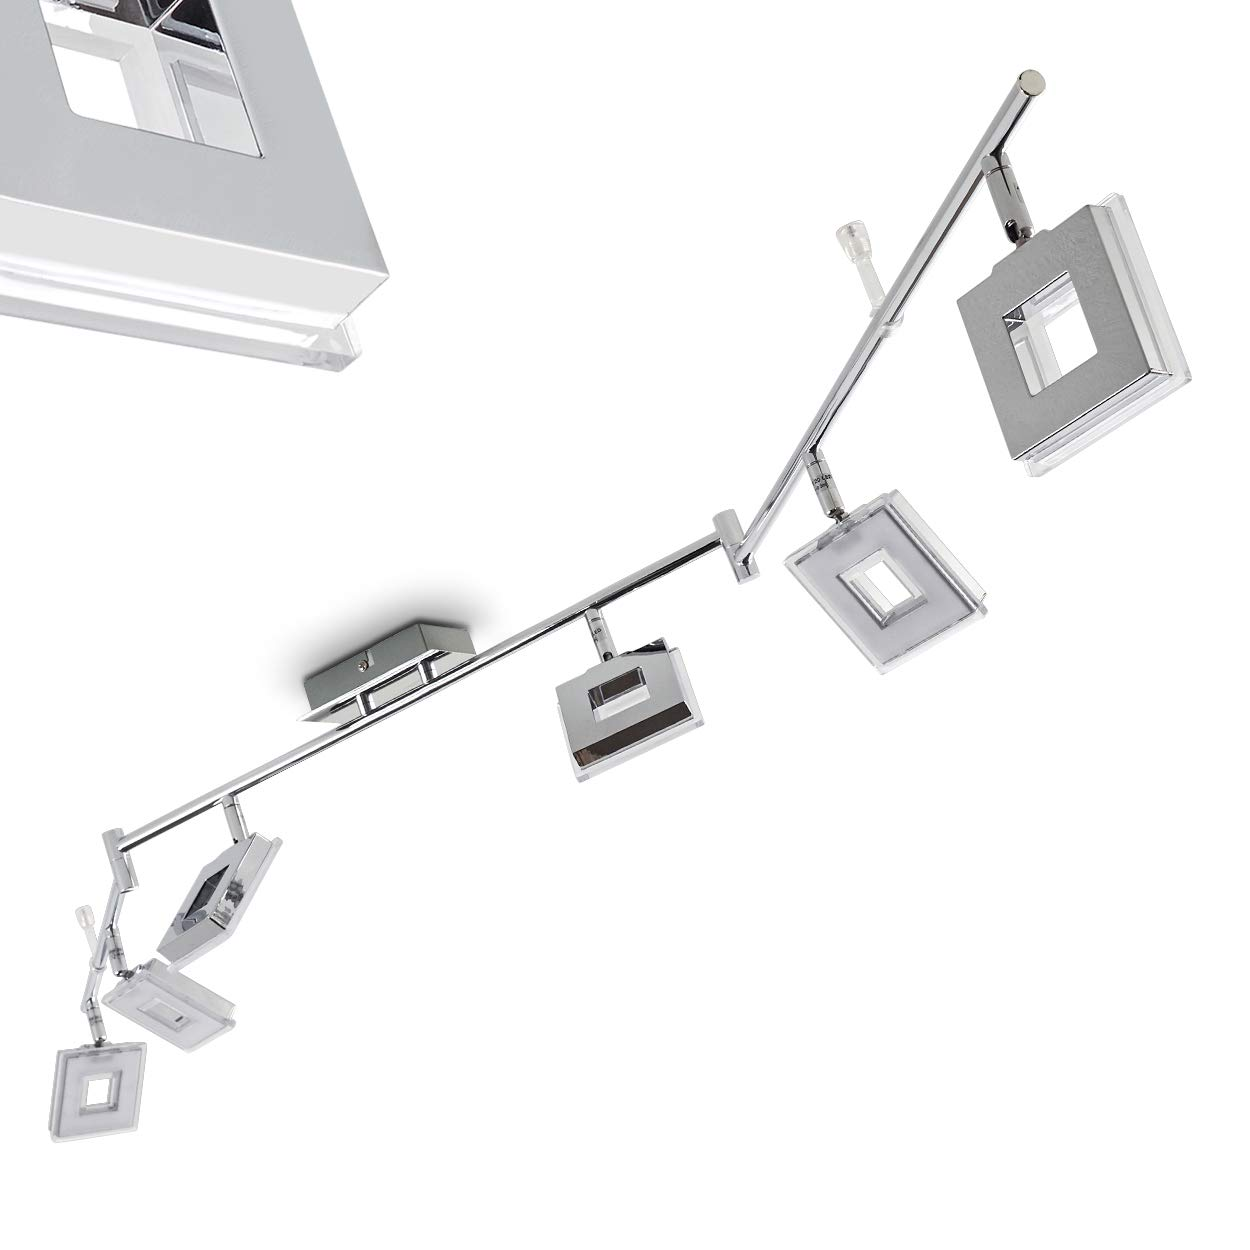 Barre de spots LED Krakau - 6 x 4,5 Watt - 350 lumen par spot - Blanc chaud [Classe énergétique A++] hofstein H166773